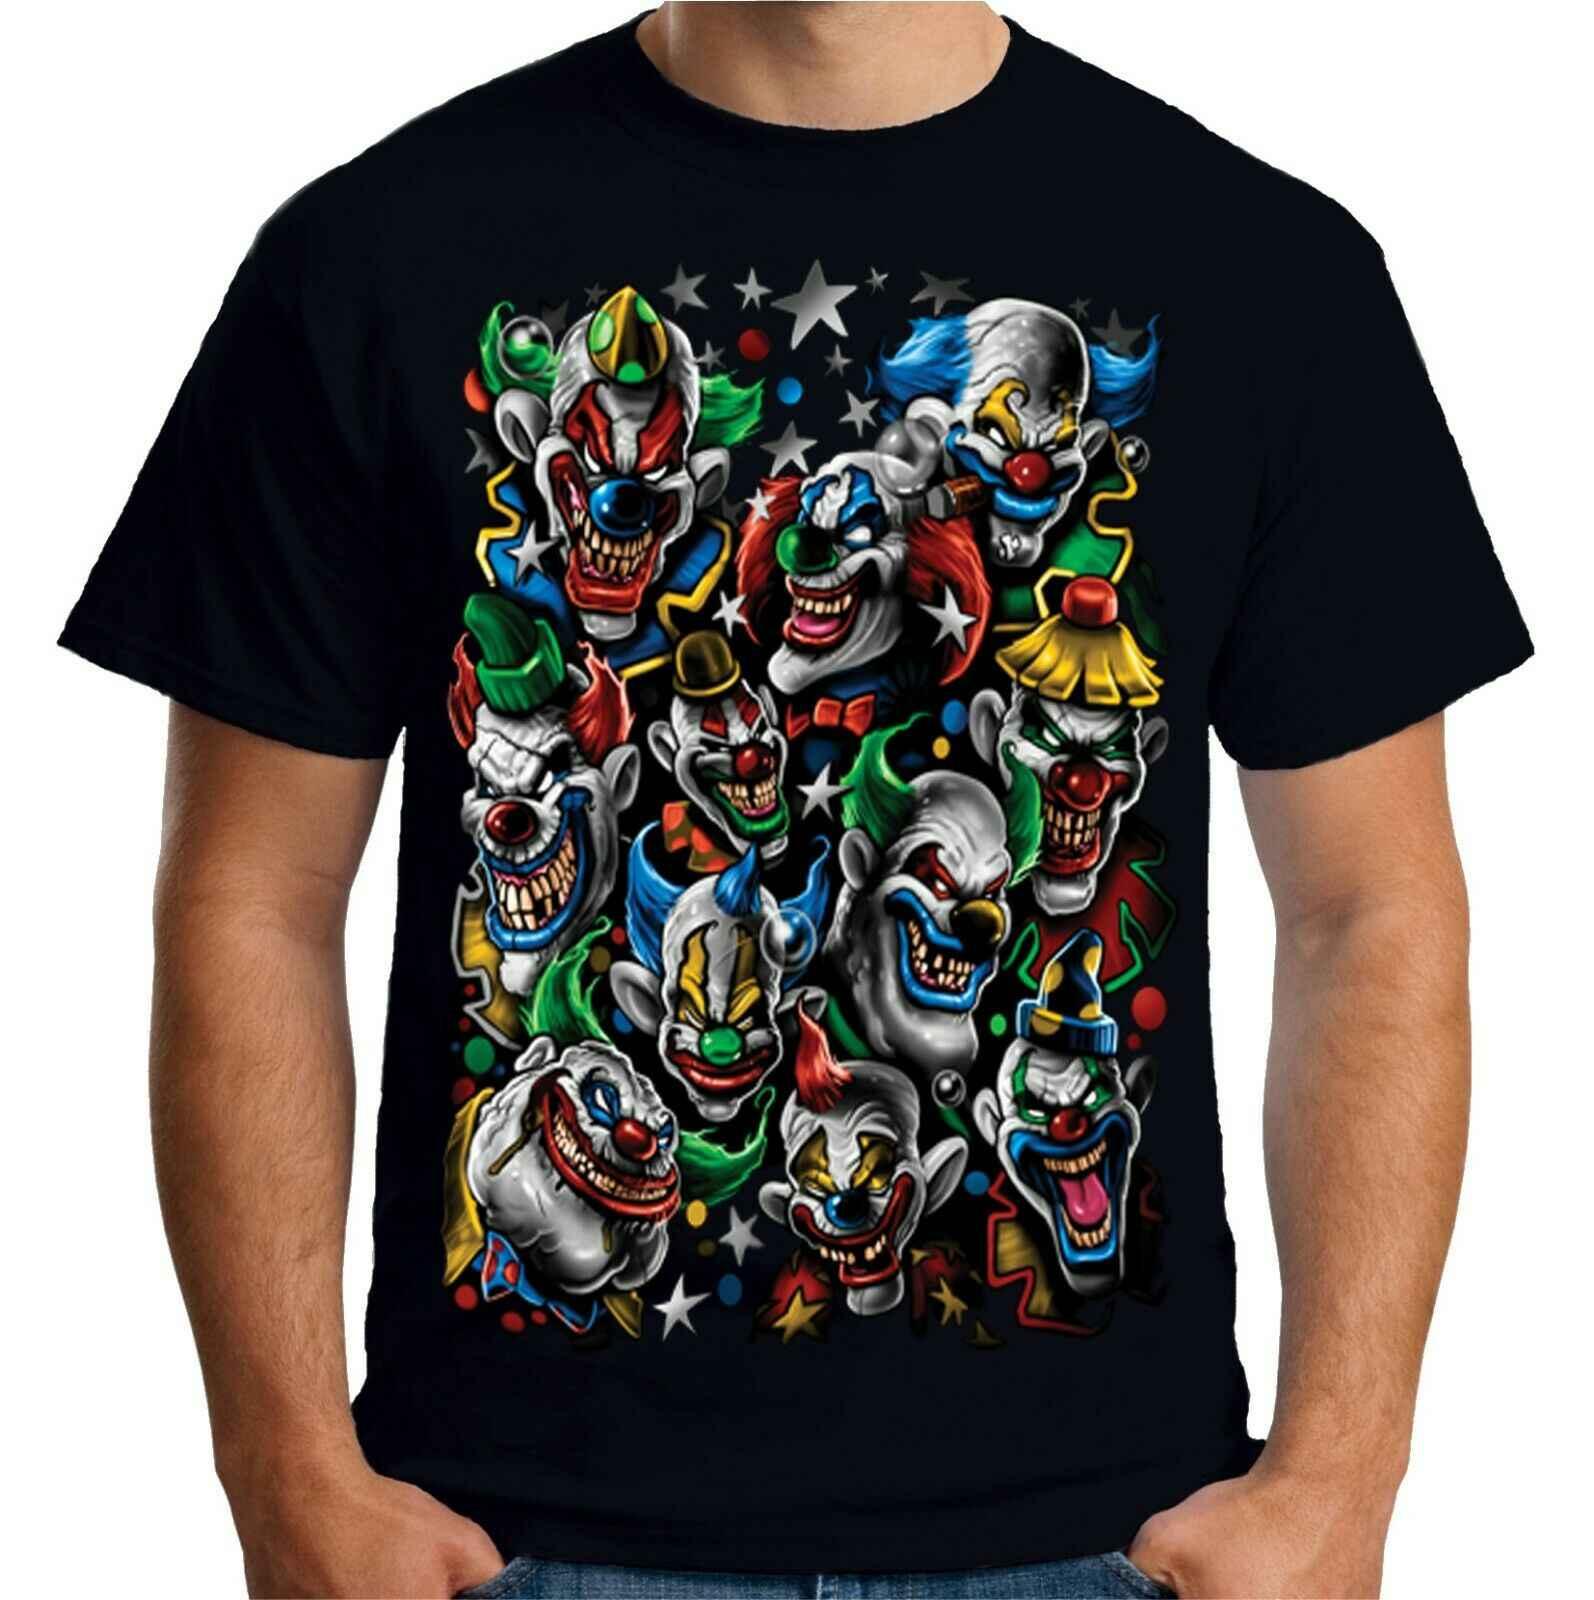 Мужские футболки с принтом злой клоуны Футболка Джокер цирк пугающий гот готический клоун A11247 дешевые оптовые футболки, Подарочная Футболка с принтом